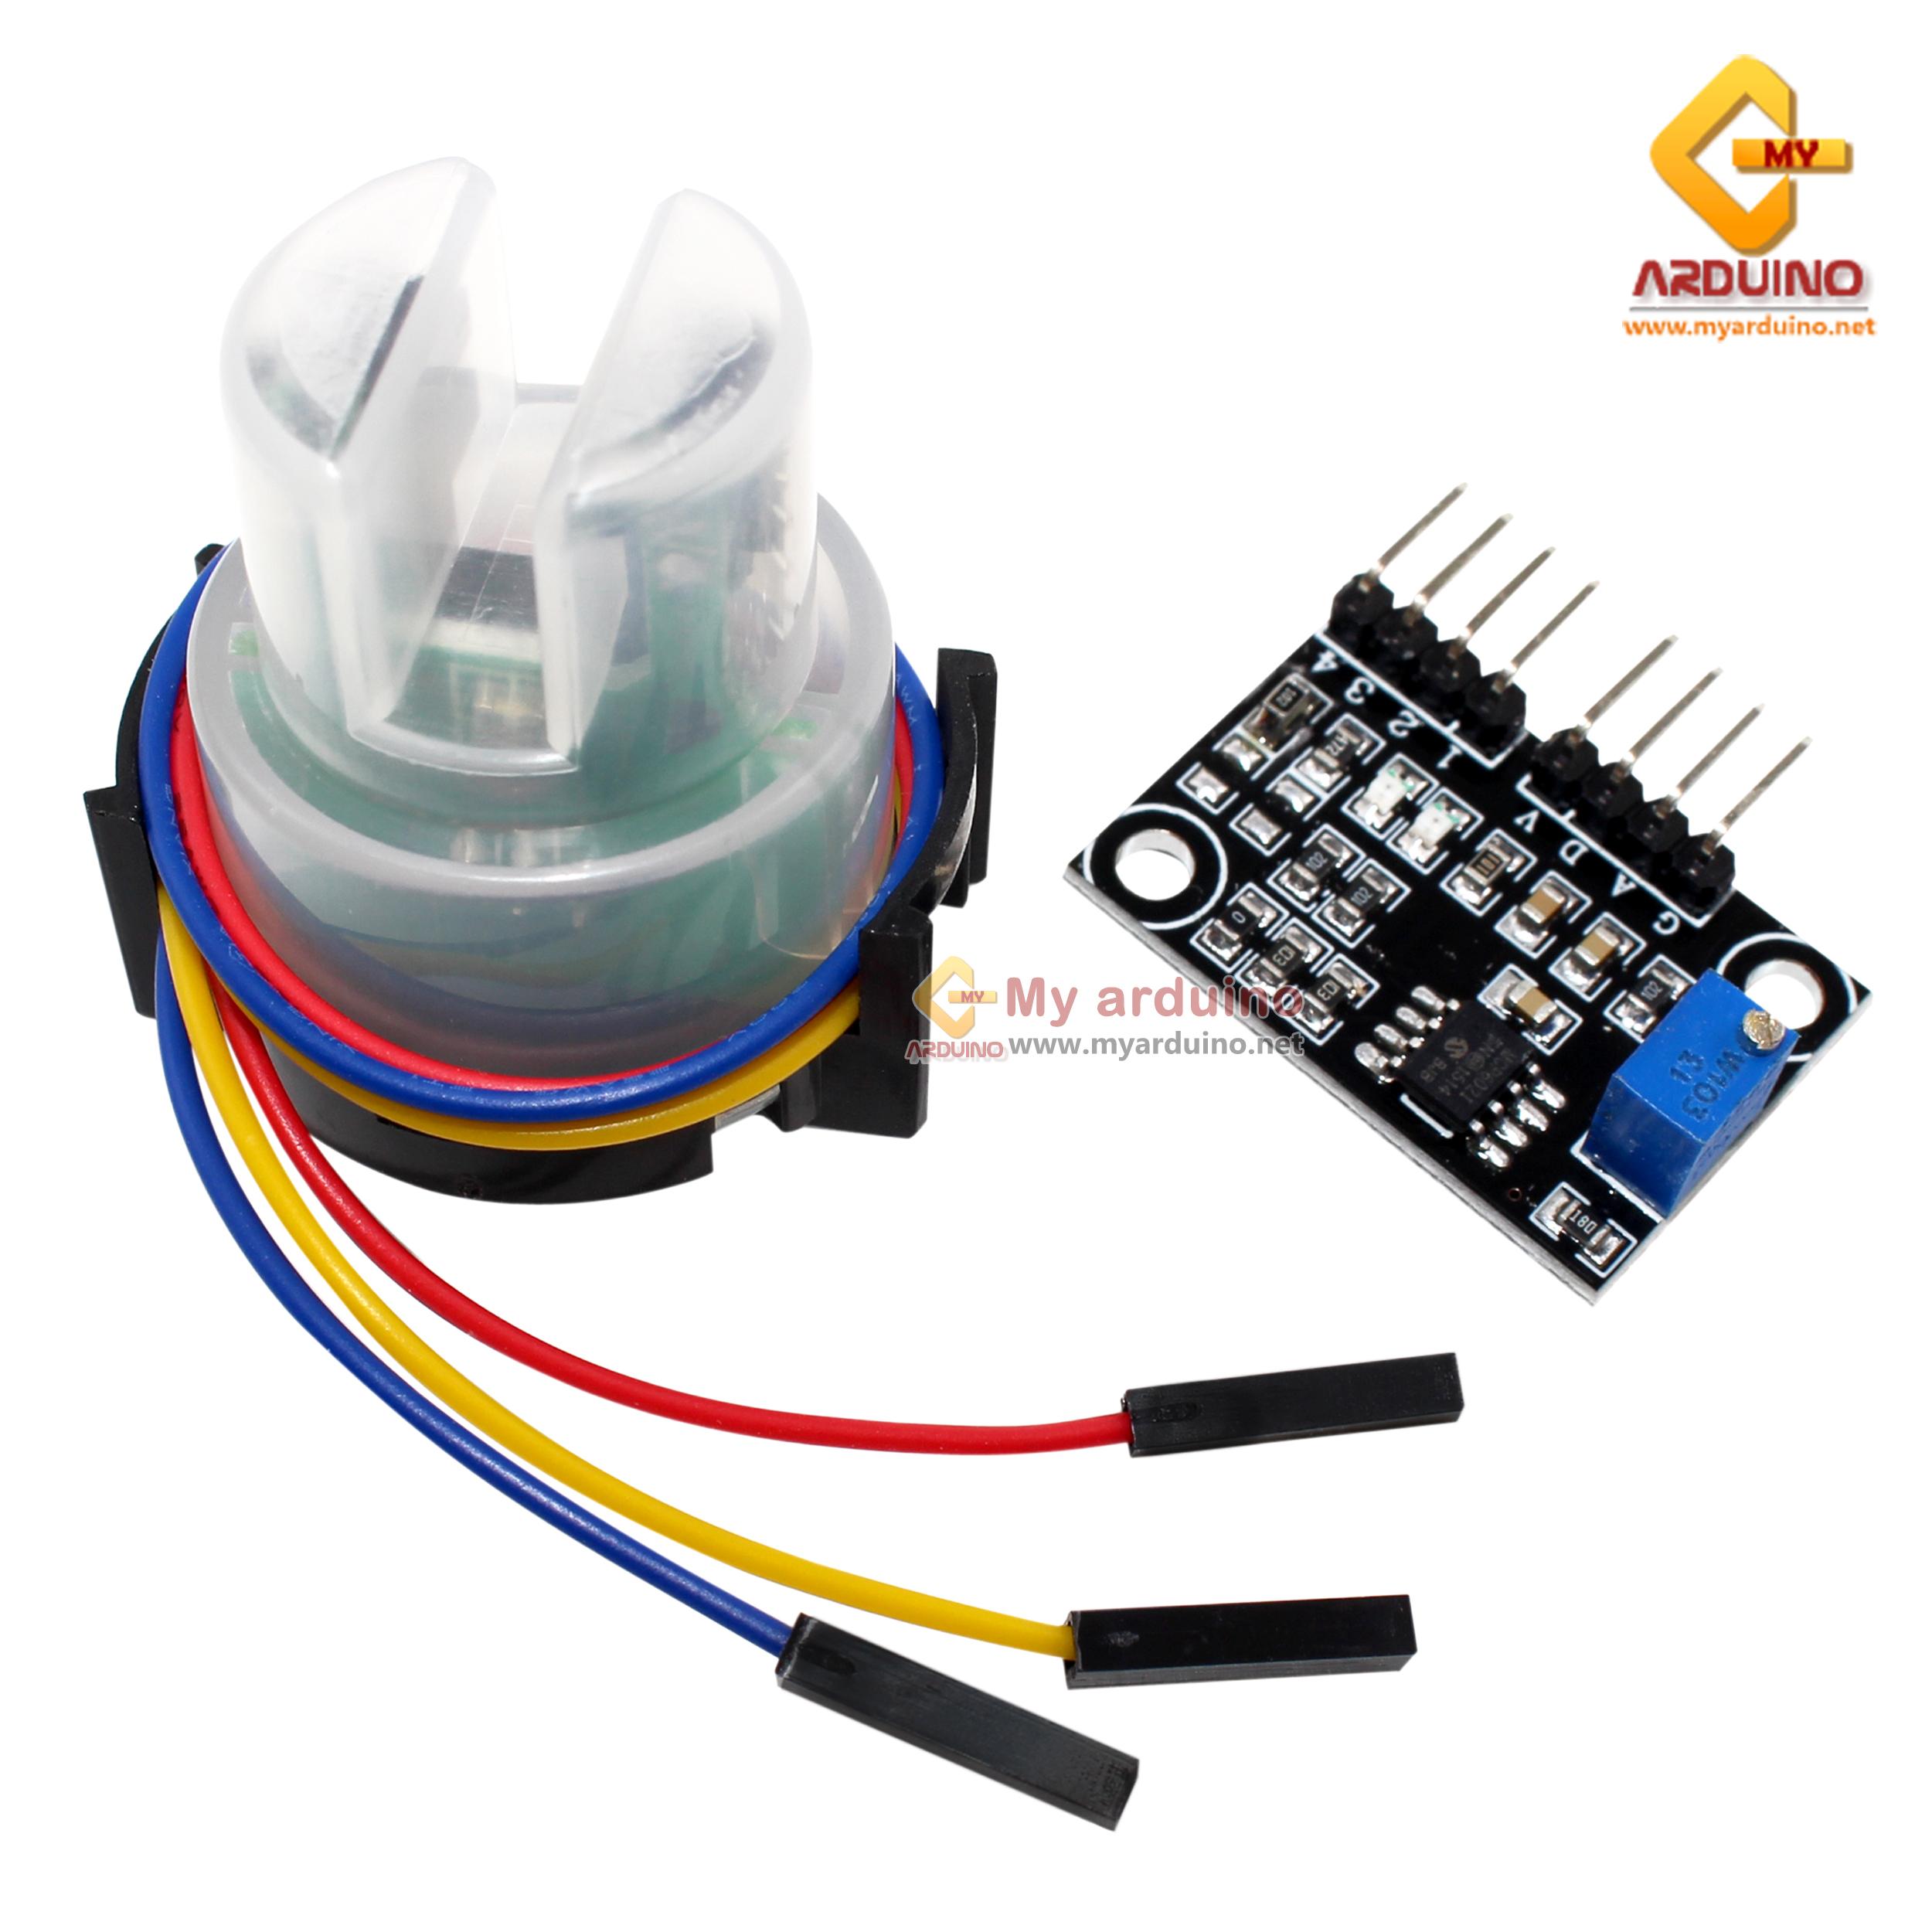 เซ็นเซอร์วัดความขุ่นของน้ำ EC Sensor Turbidity sensor